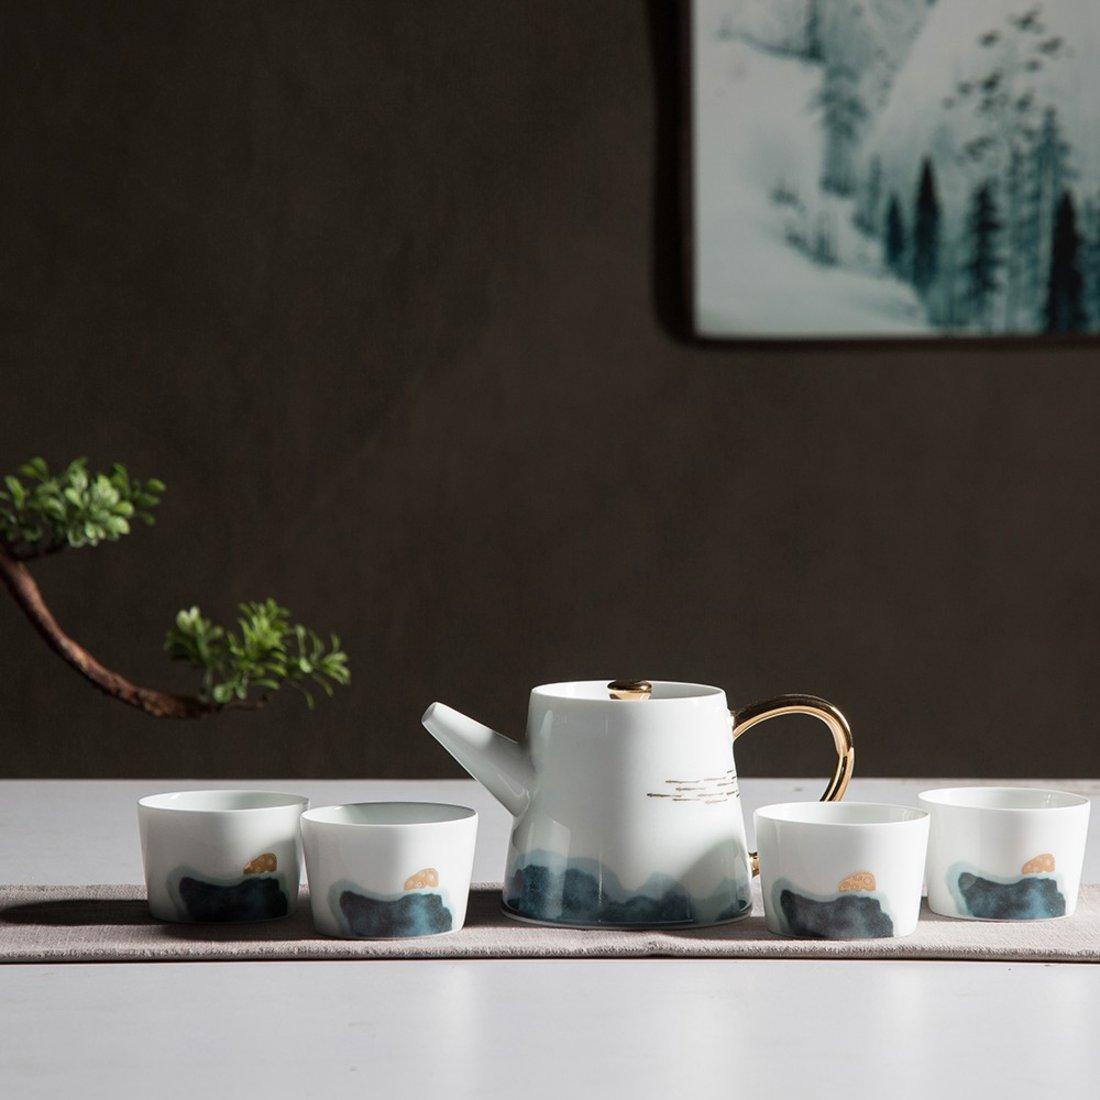 悠游系列 茶具 (一壶四杯)高温陶瓷 中式茶具套装